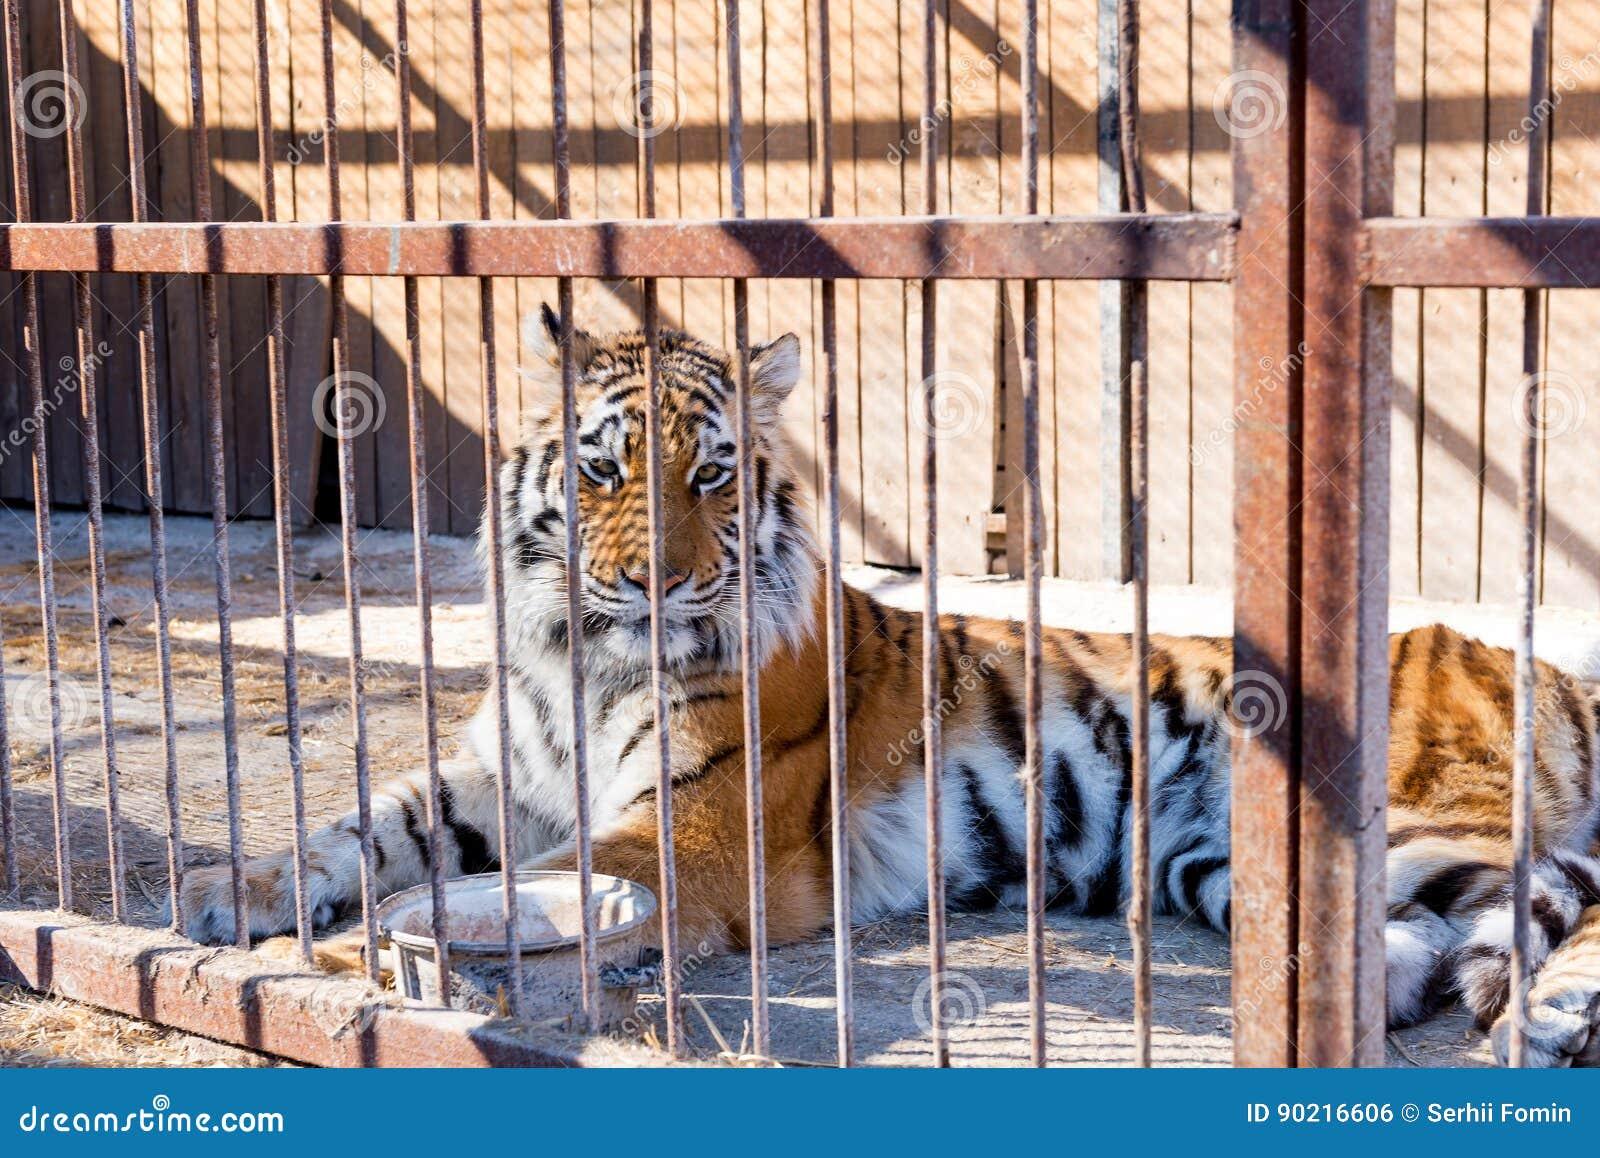 Tijger in gevangenschap in een dierentuin achter de tralies Macht en agressie in de kooi